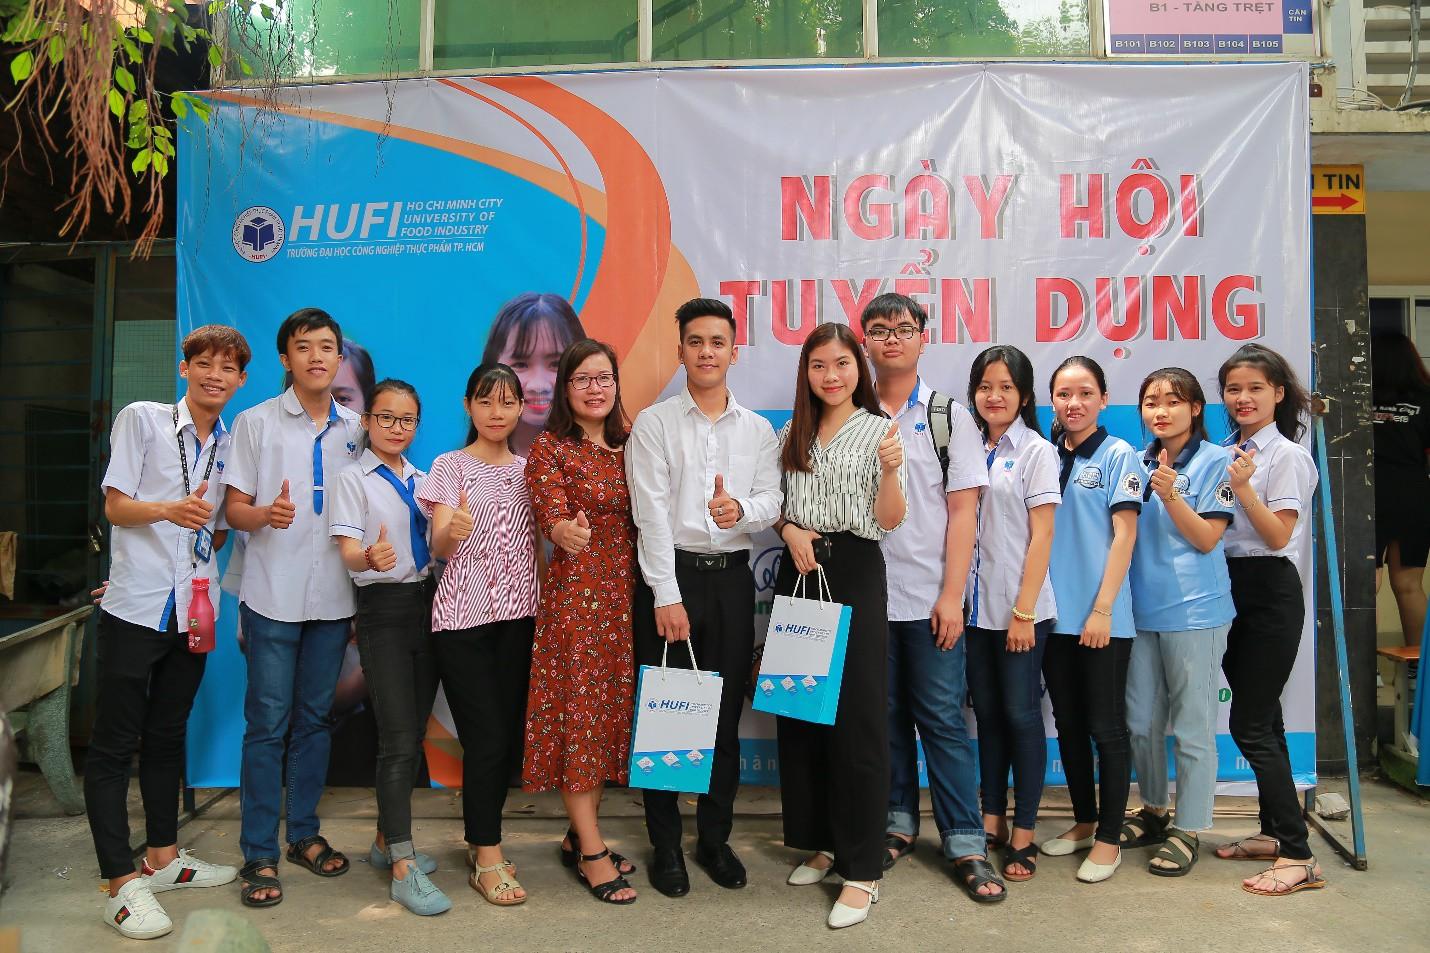 Cam kết việc làm khi học hệ cao đẳng tại trường ĐH Công nghiệp Thực phẩm TP.Hồ Chí Minh - Ảnh 1.